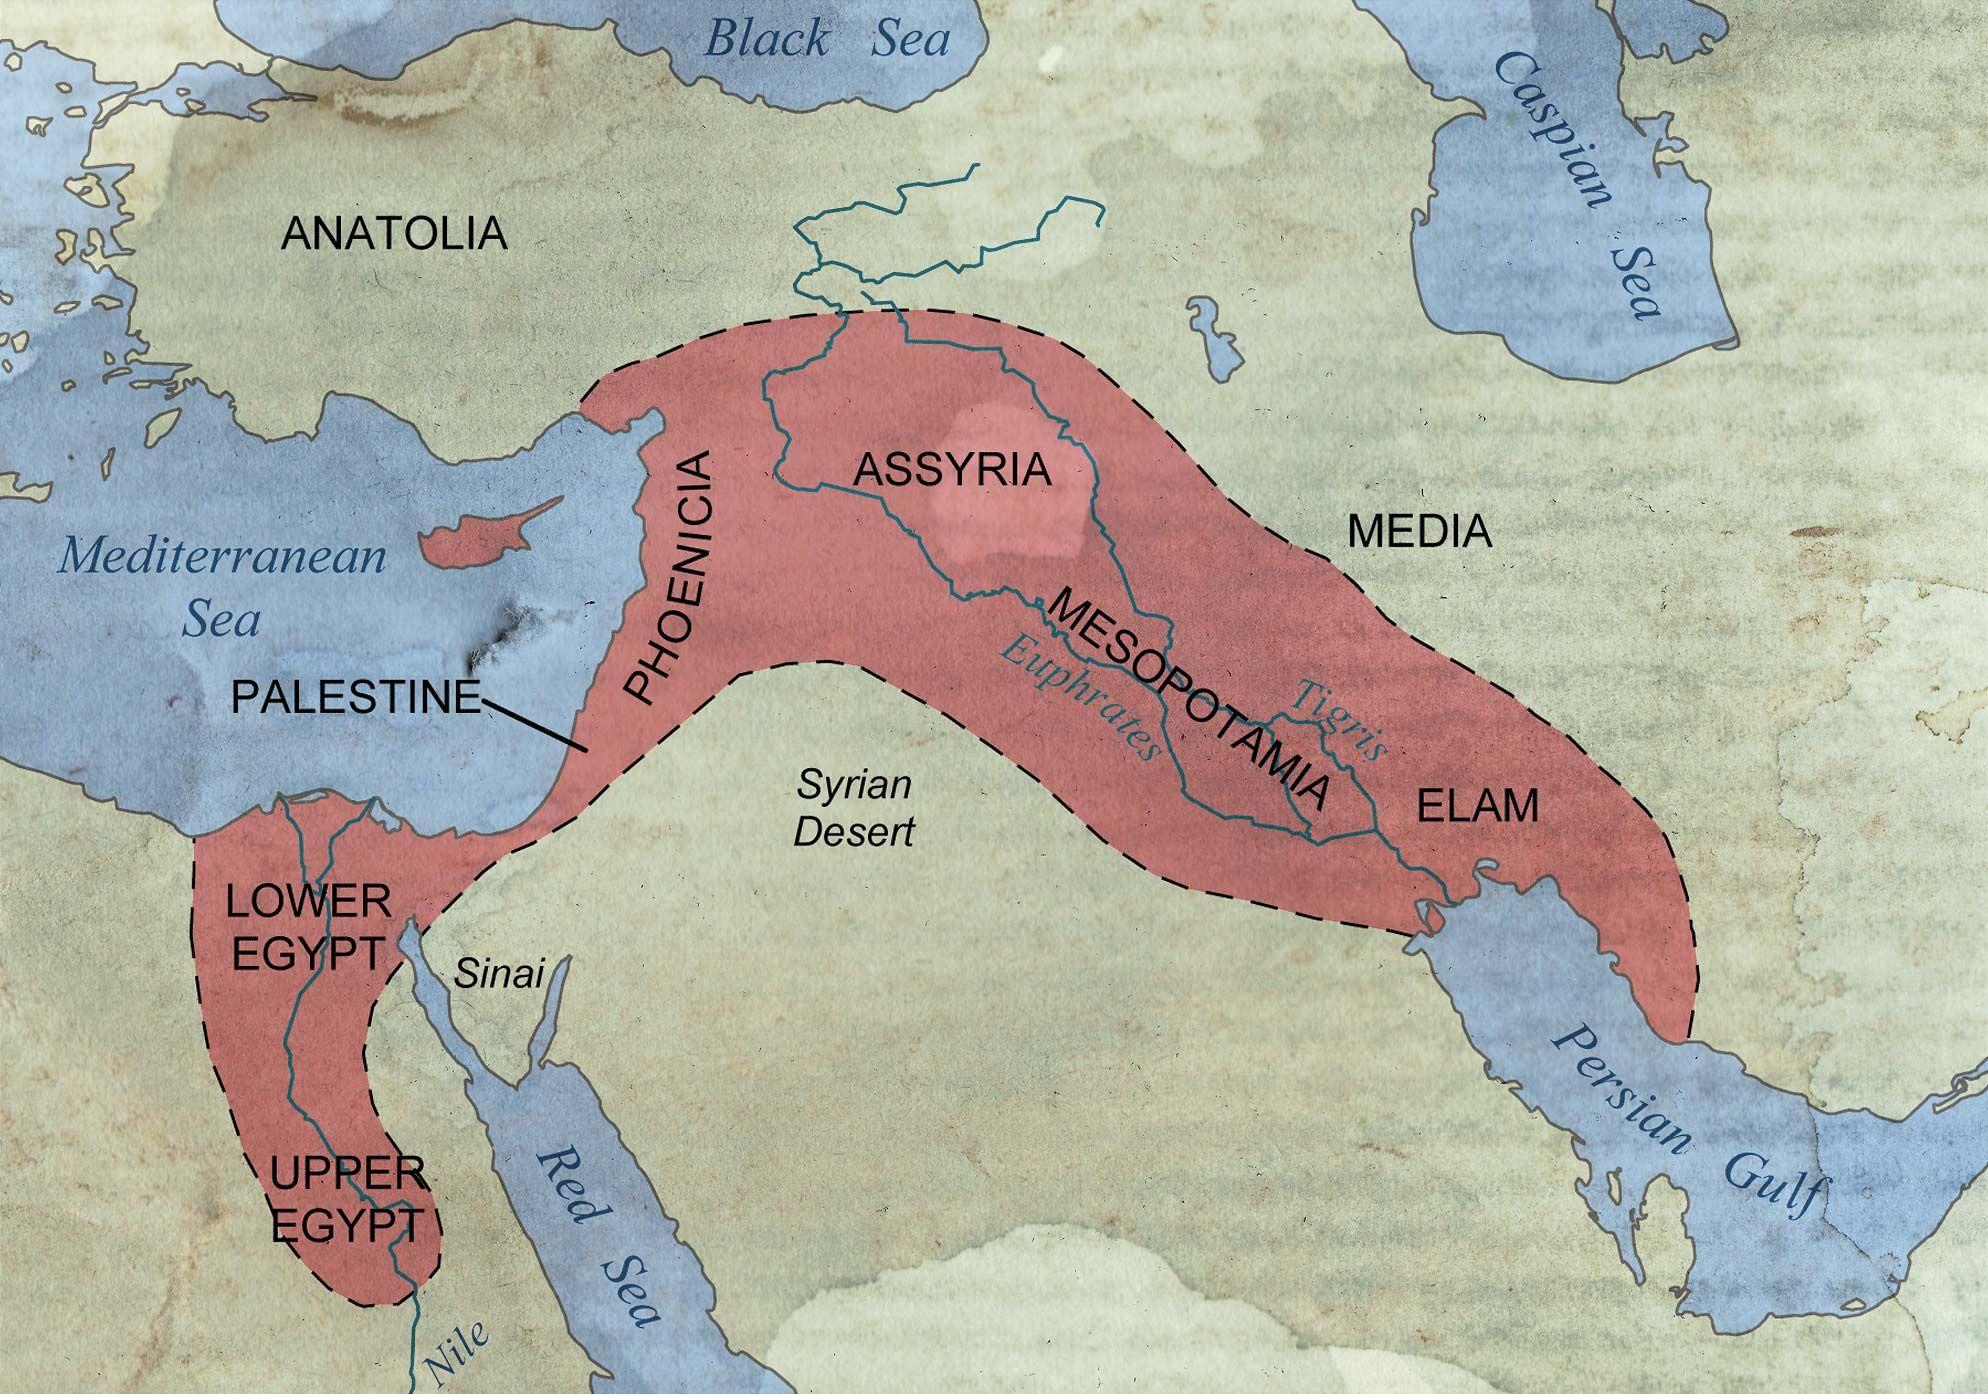 The Fertile Crescent encompasses parts of Egypt